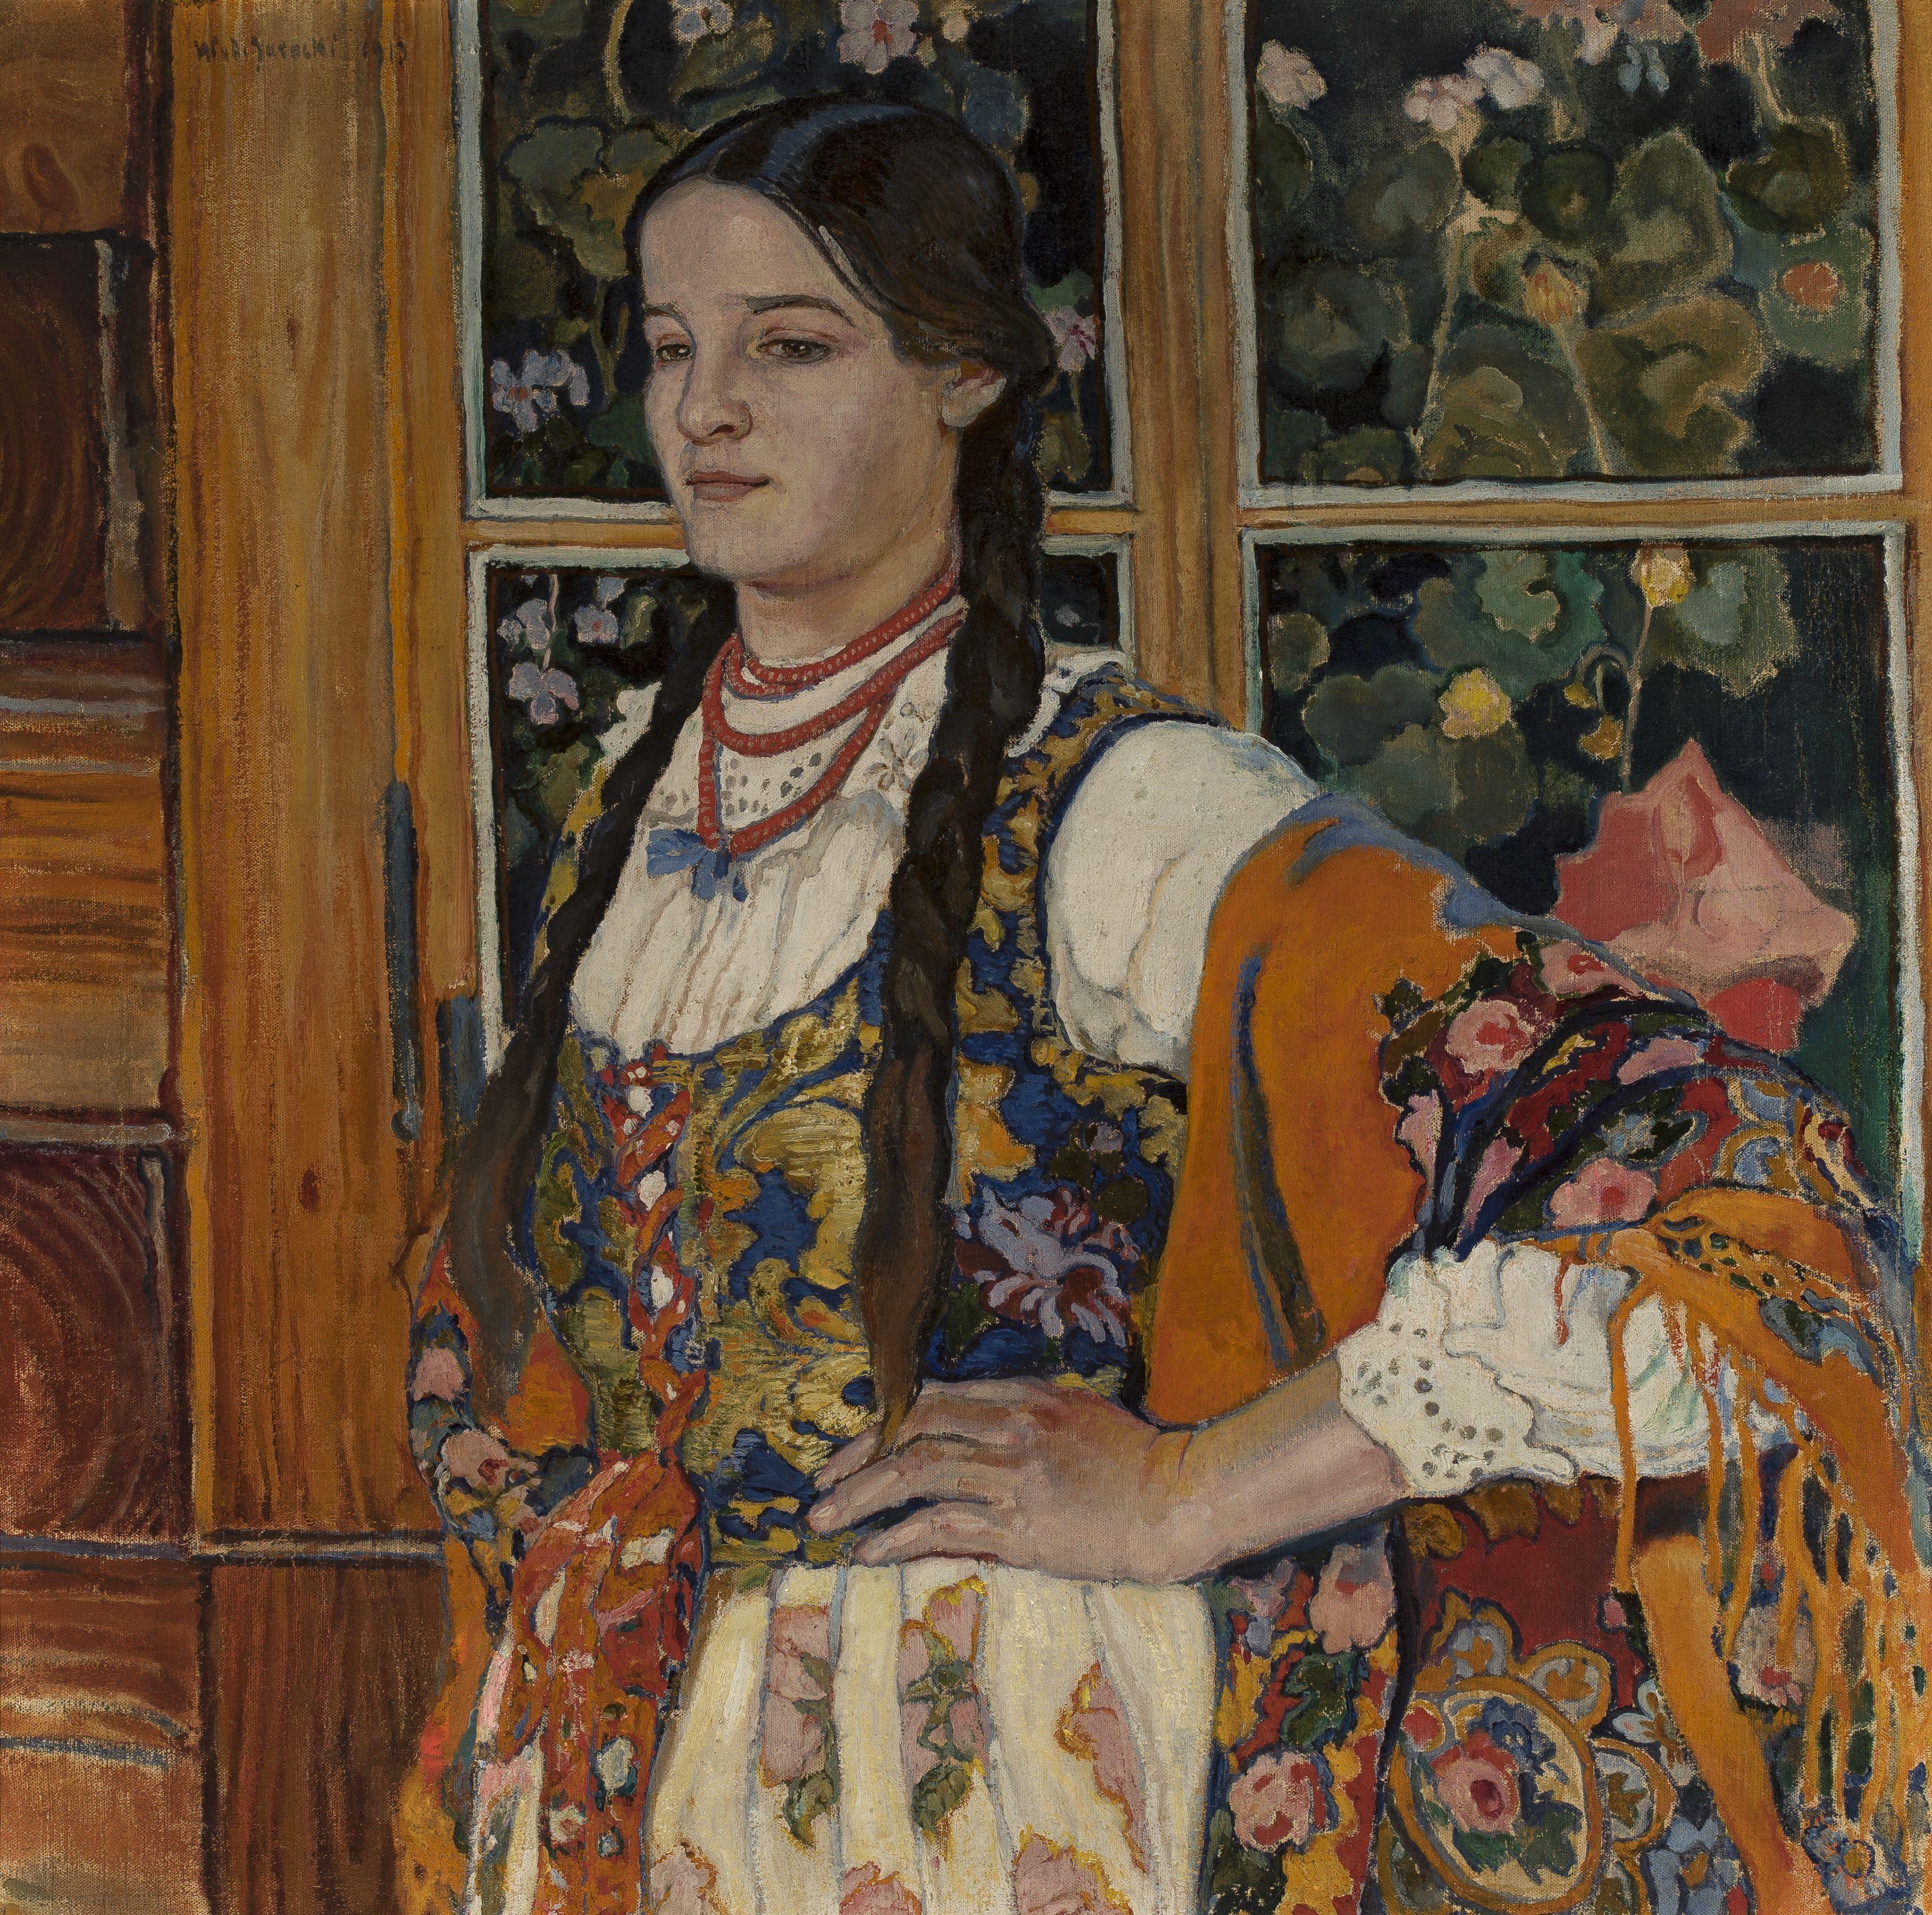 """Władysław Jarocki (1879-1965) """"Helka z Poronina"""", 1913 rok, źródło: Muzeum Narodowe w Warszawie"""